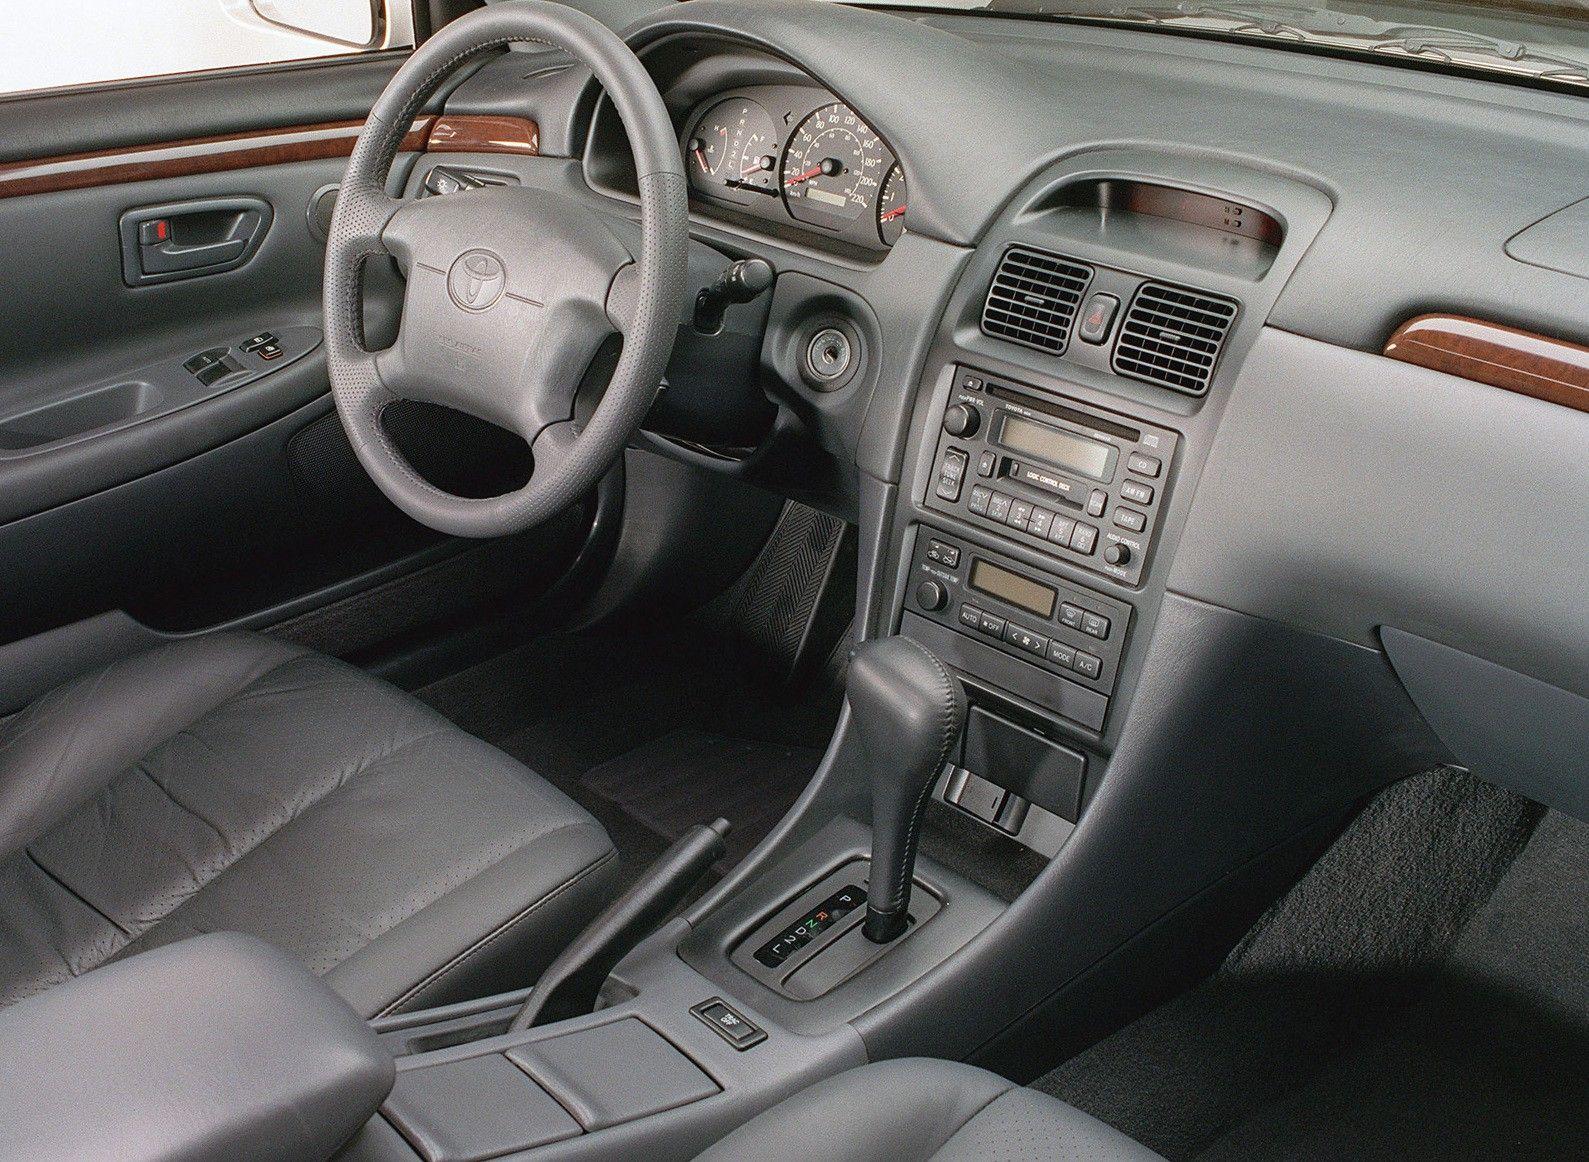 Kekurangan Toyota Camry 98 Top Model Tahun Ini